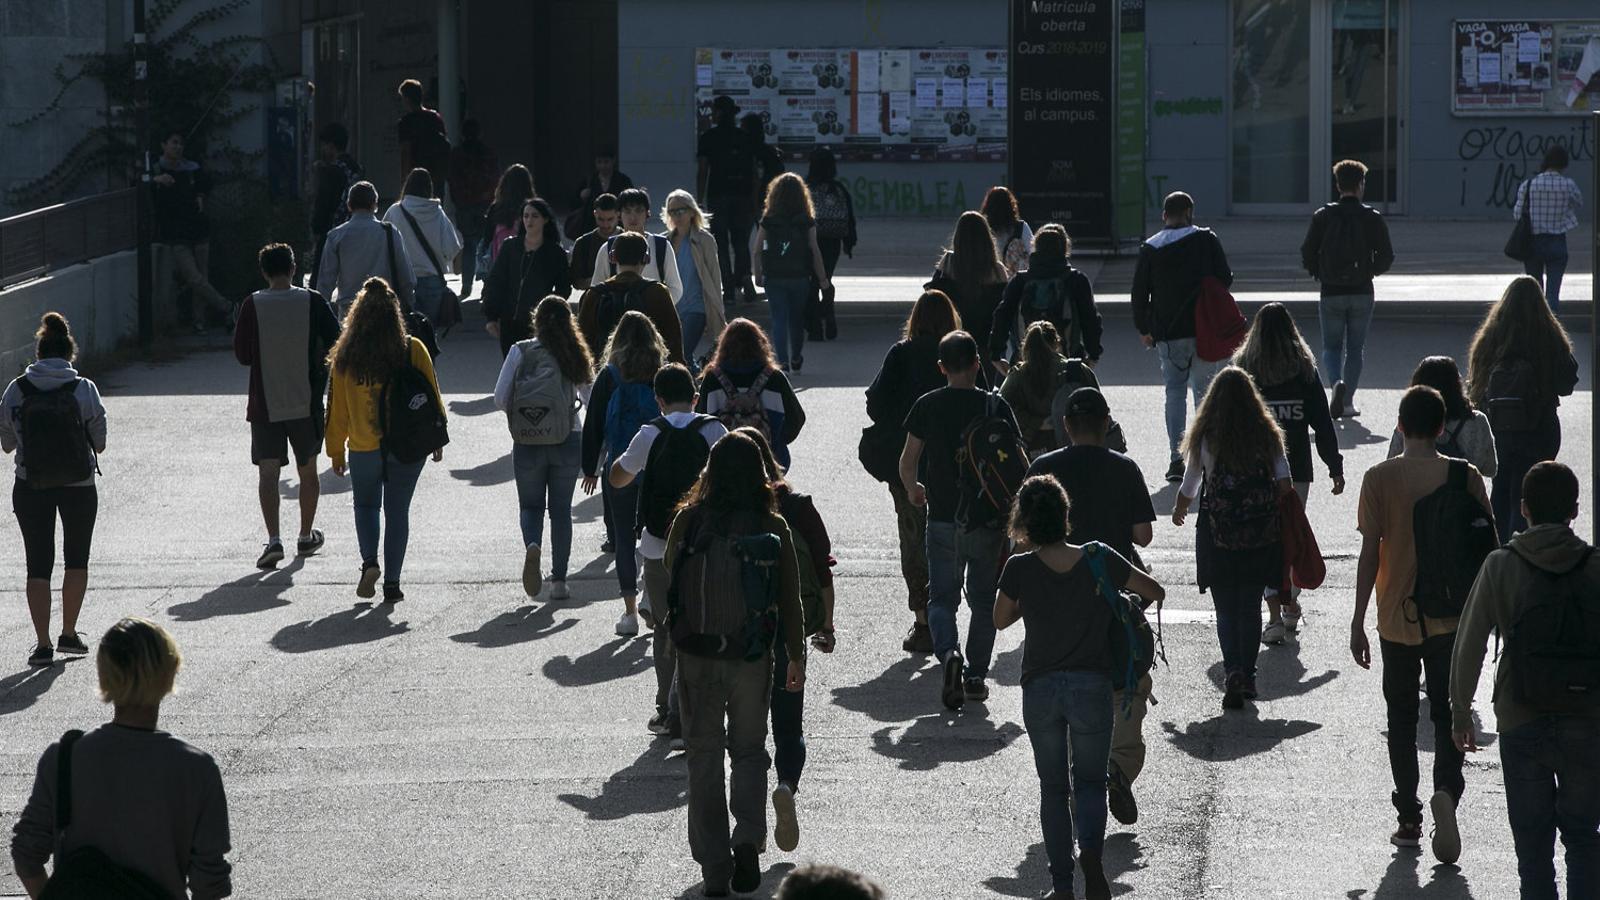 Estudiants caminant per la plaça Cívica de la Universitat Autònoma de Barcelona, a Cerdanyola.